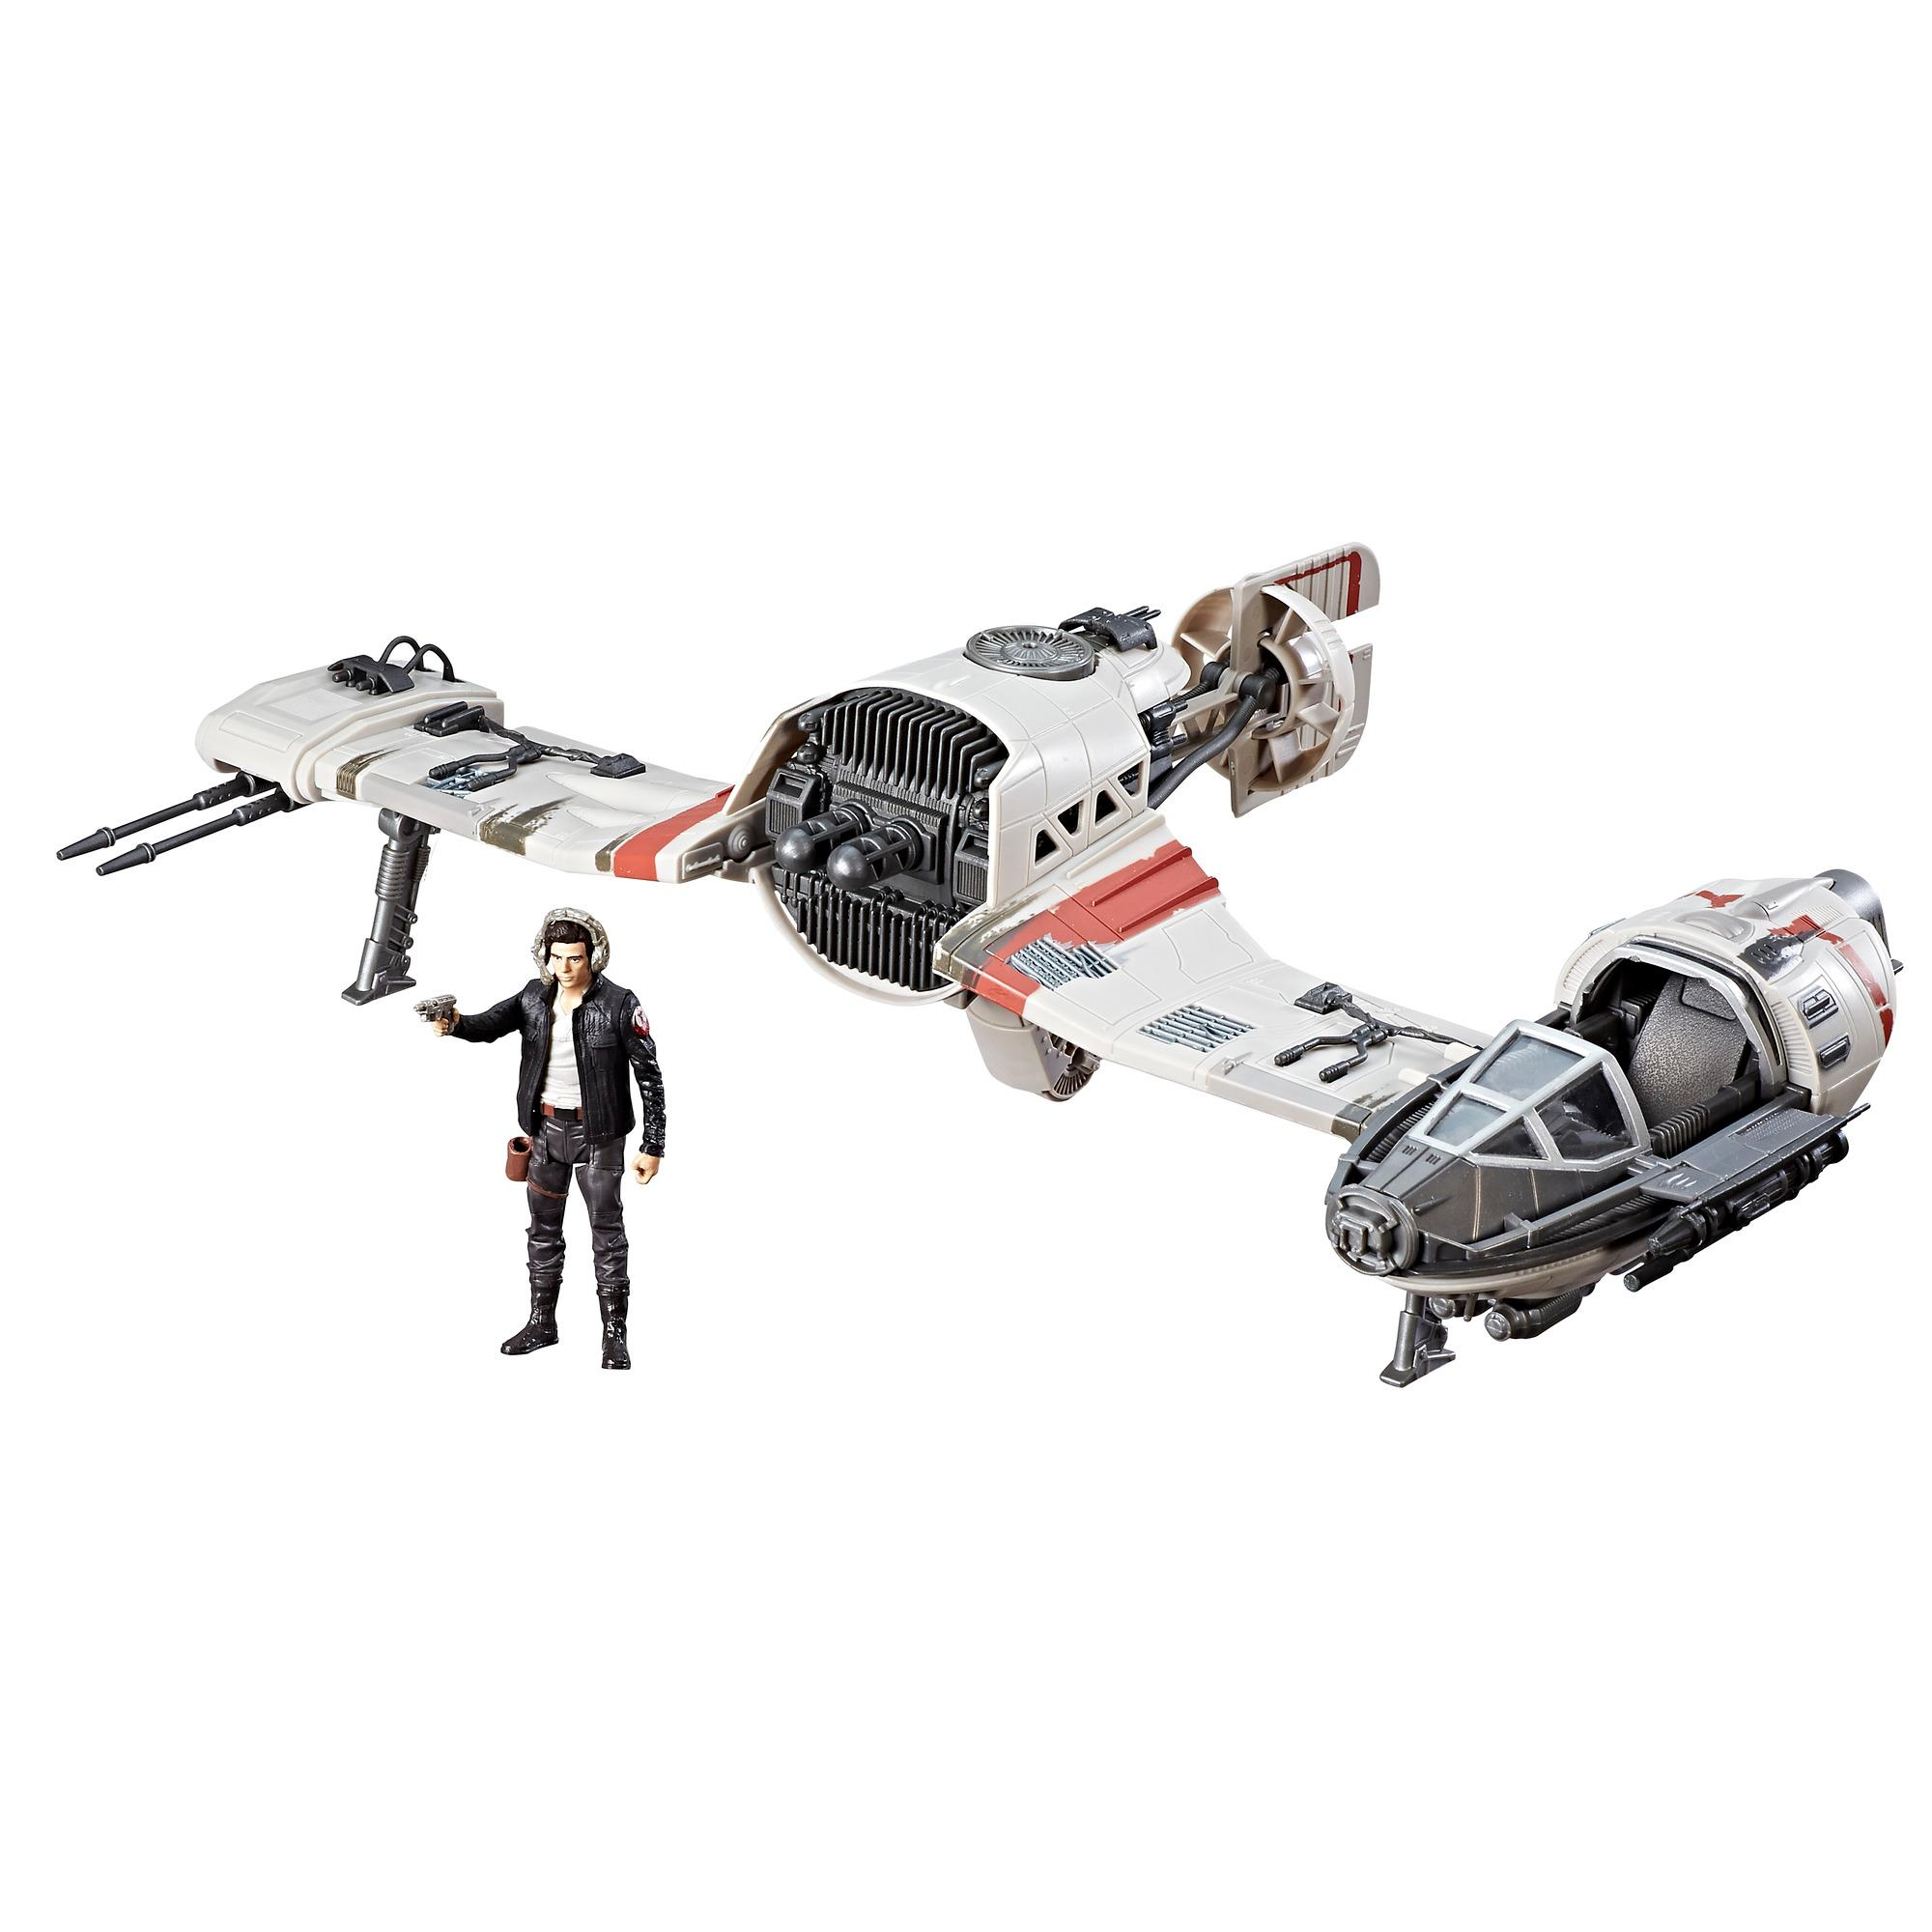 Star Wars Force Link - Deslizador de la Resistencia y figura del capitán Poe Dameron